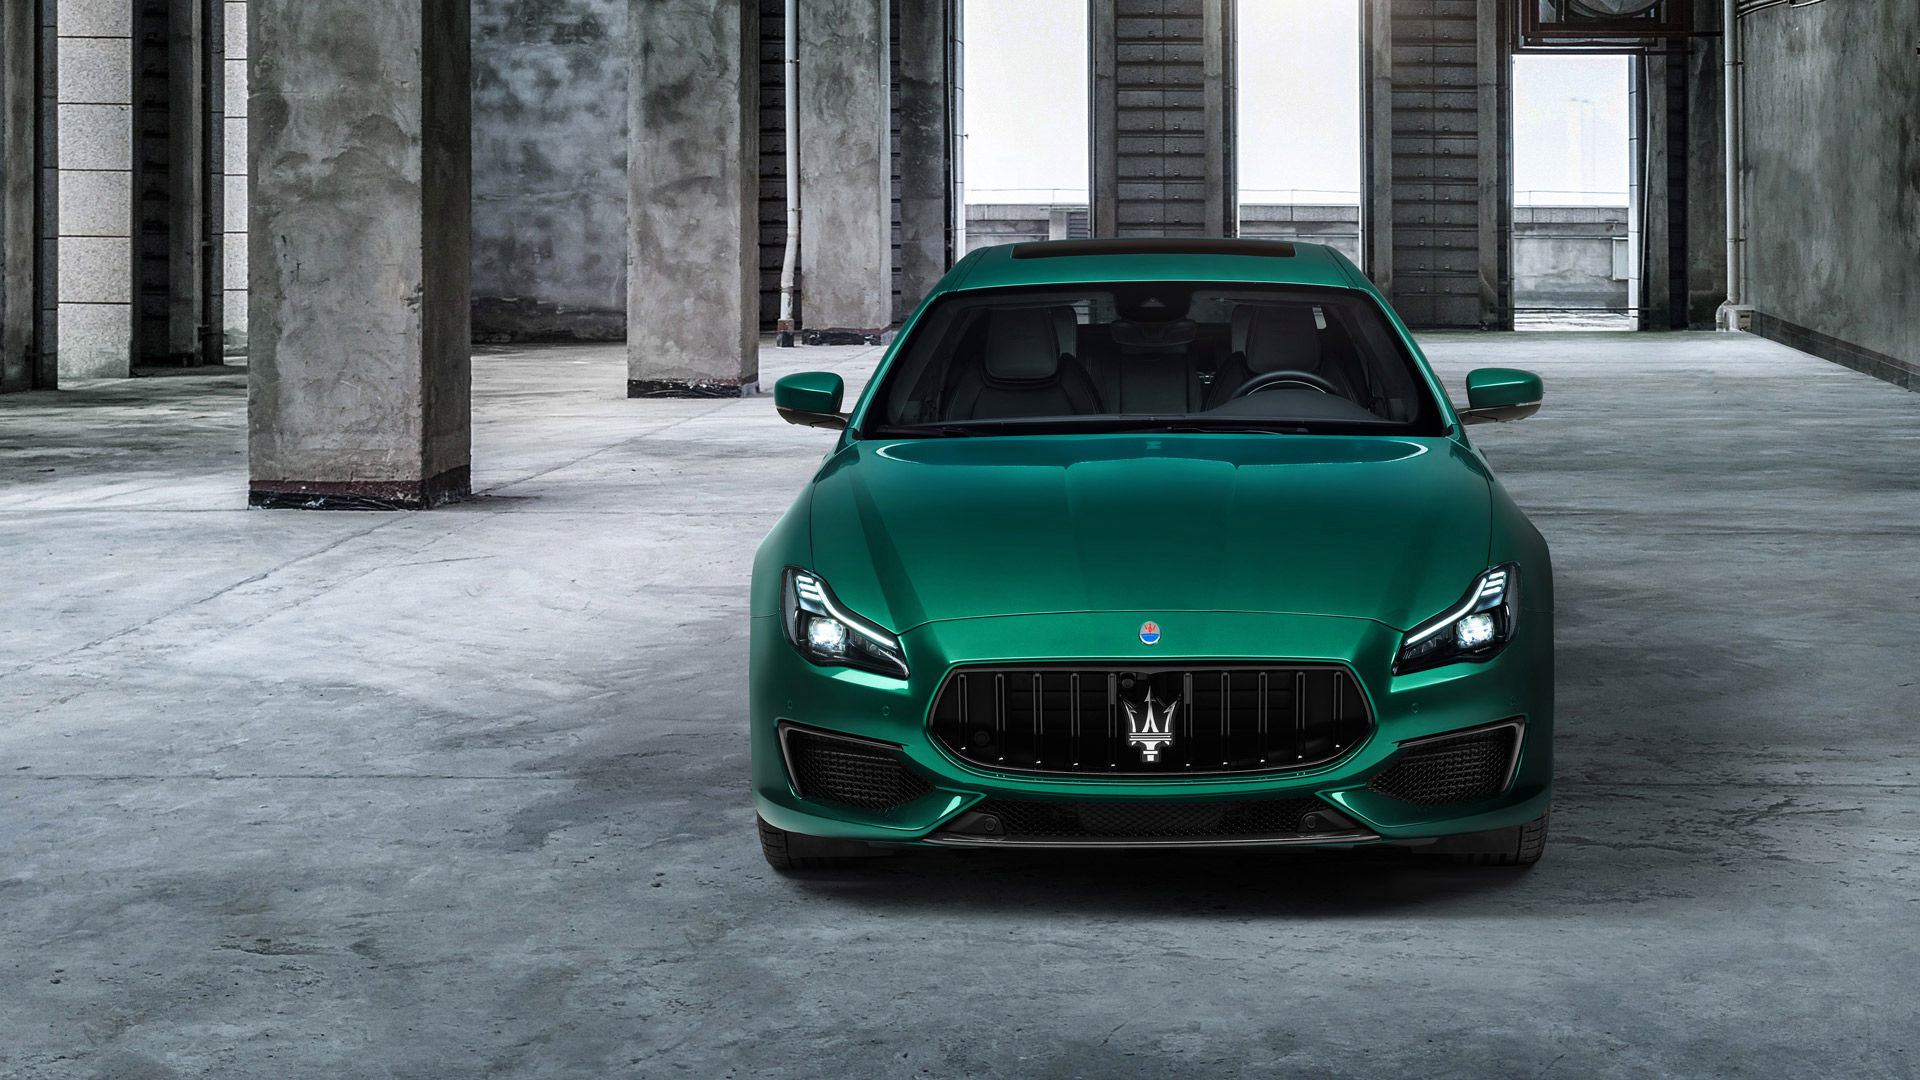 Maserati Quattroporte Trofeo - Grün - von vorne